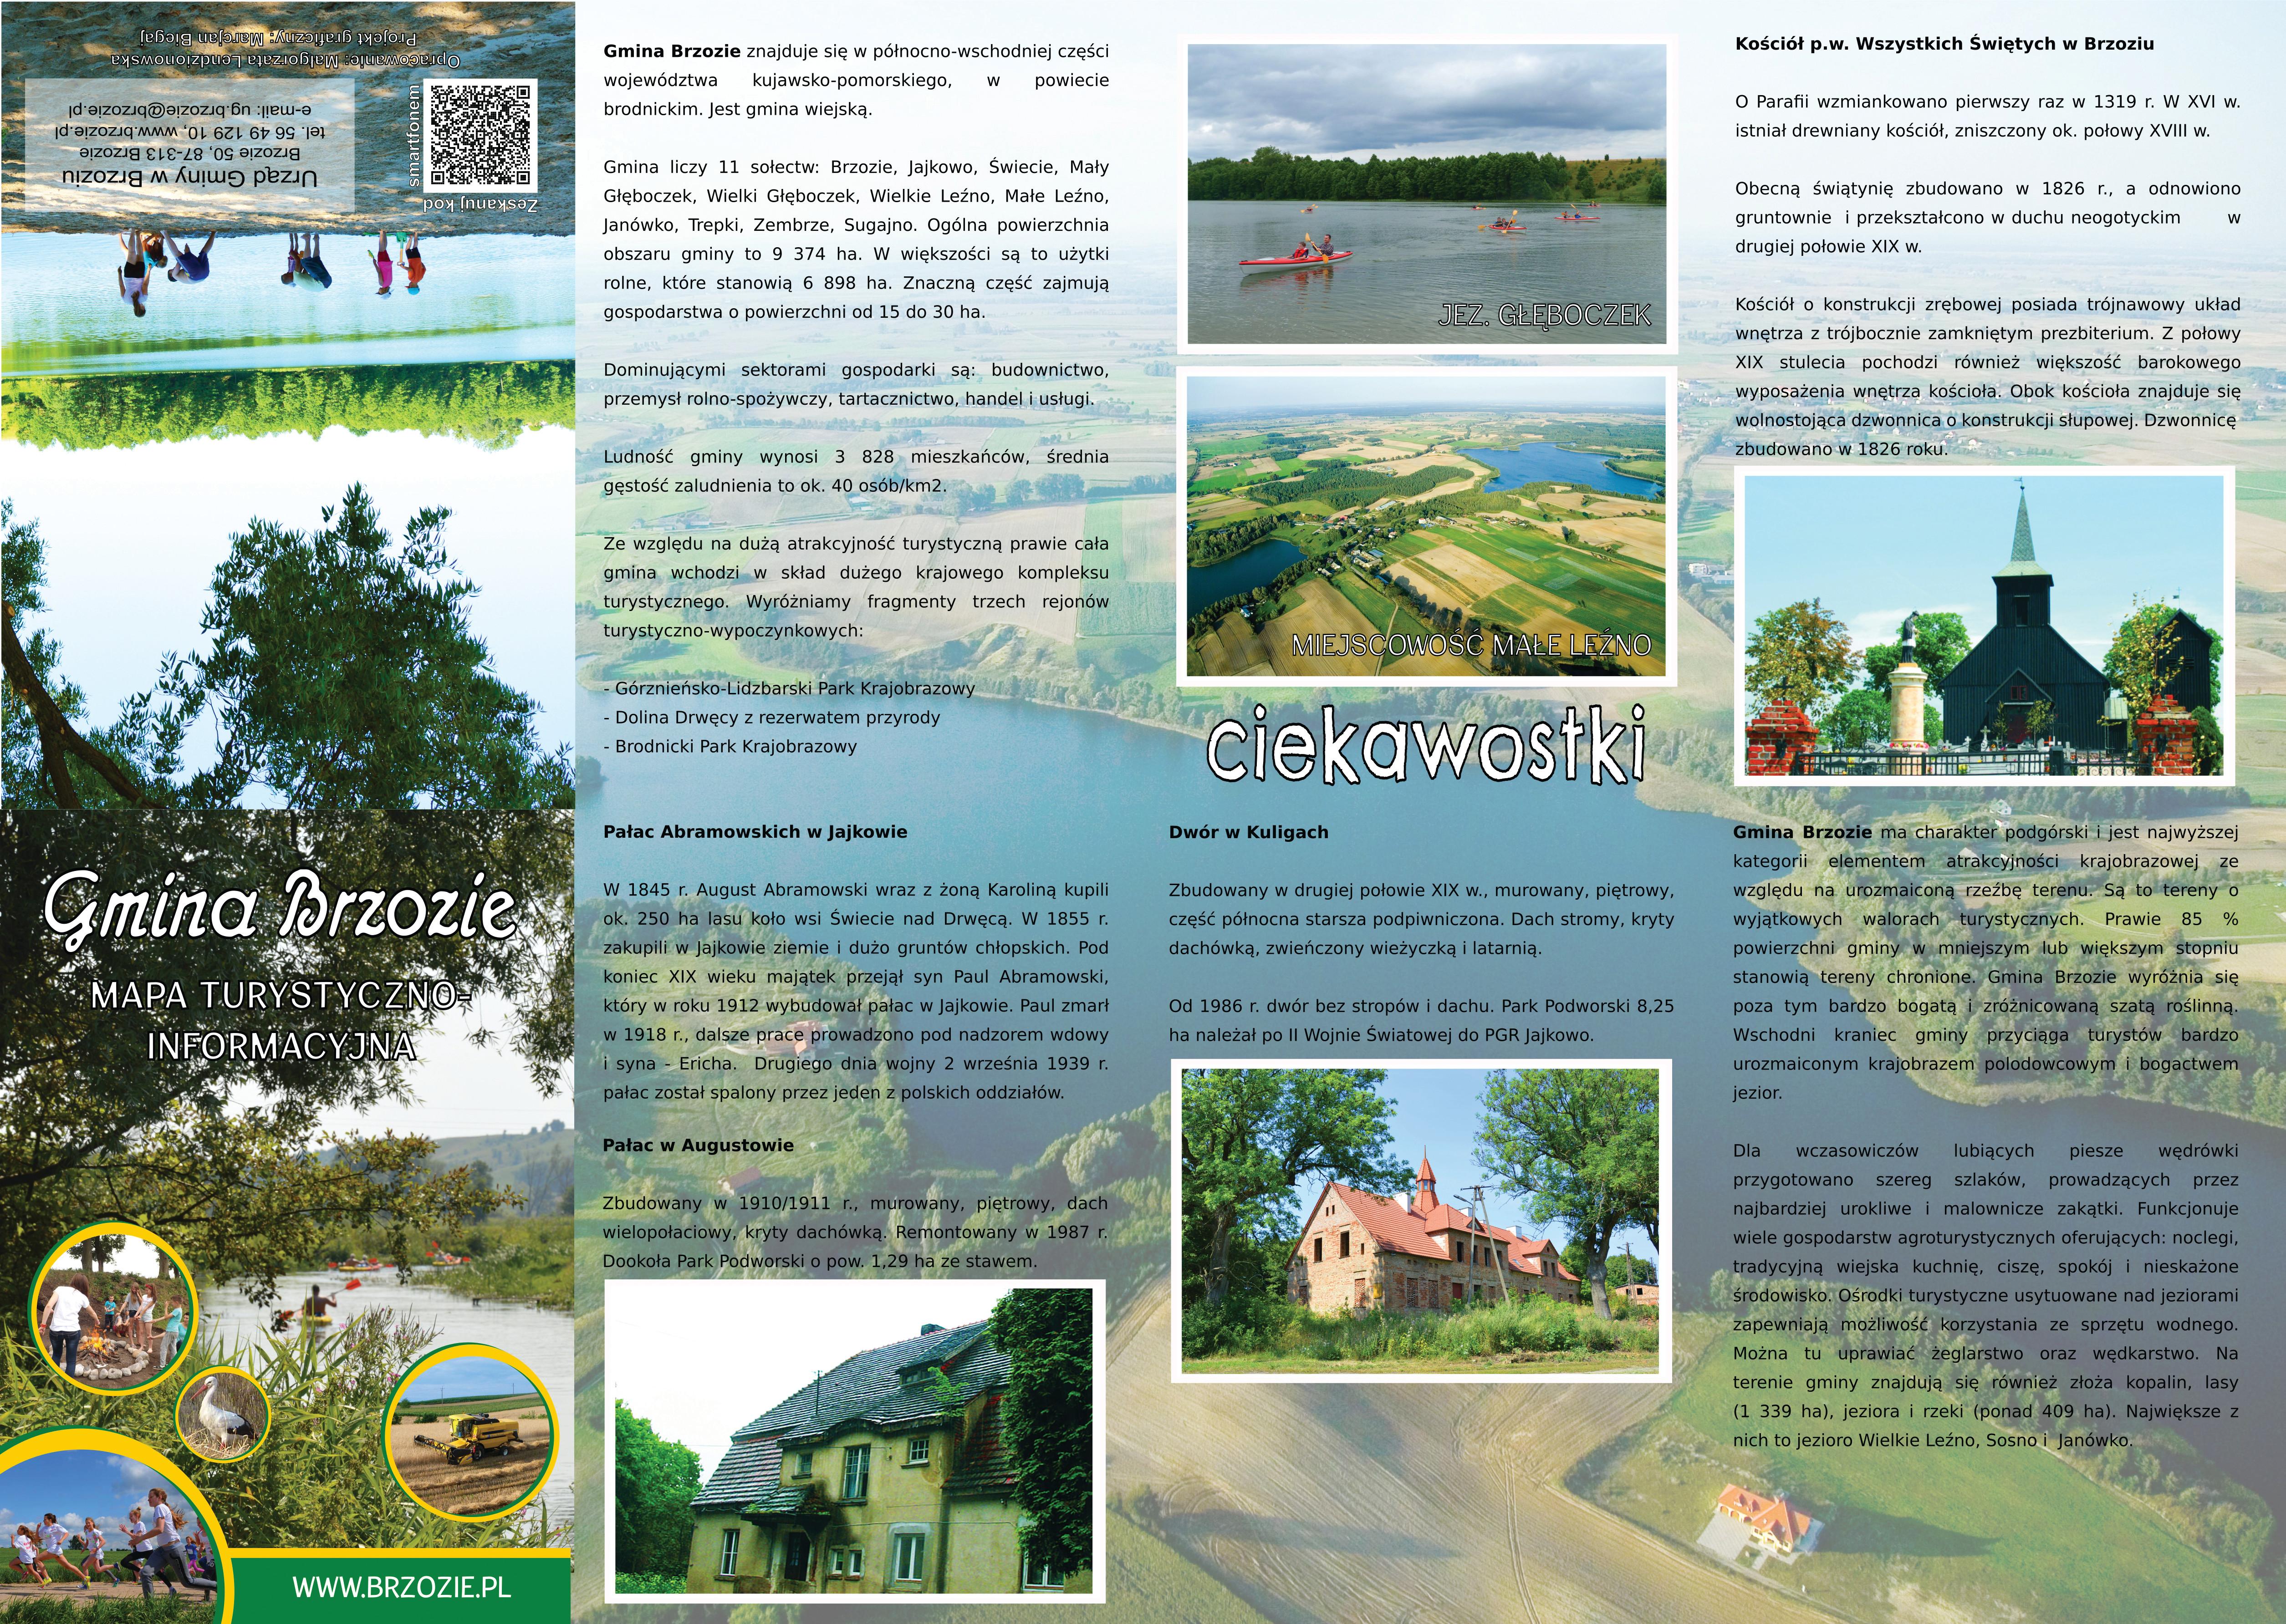 Mapka turystyczna STR 2 A3 - Mapka turystyczna